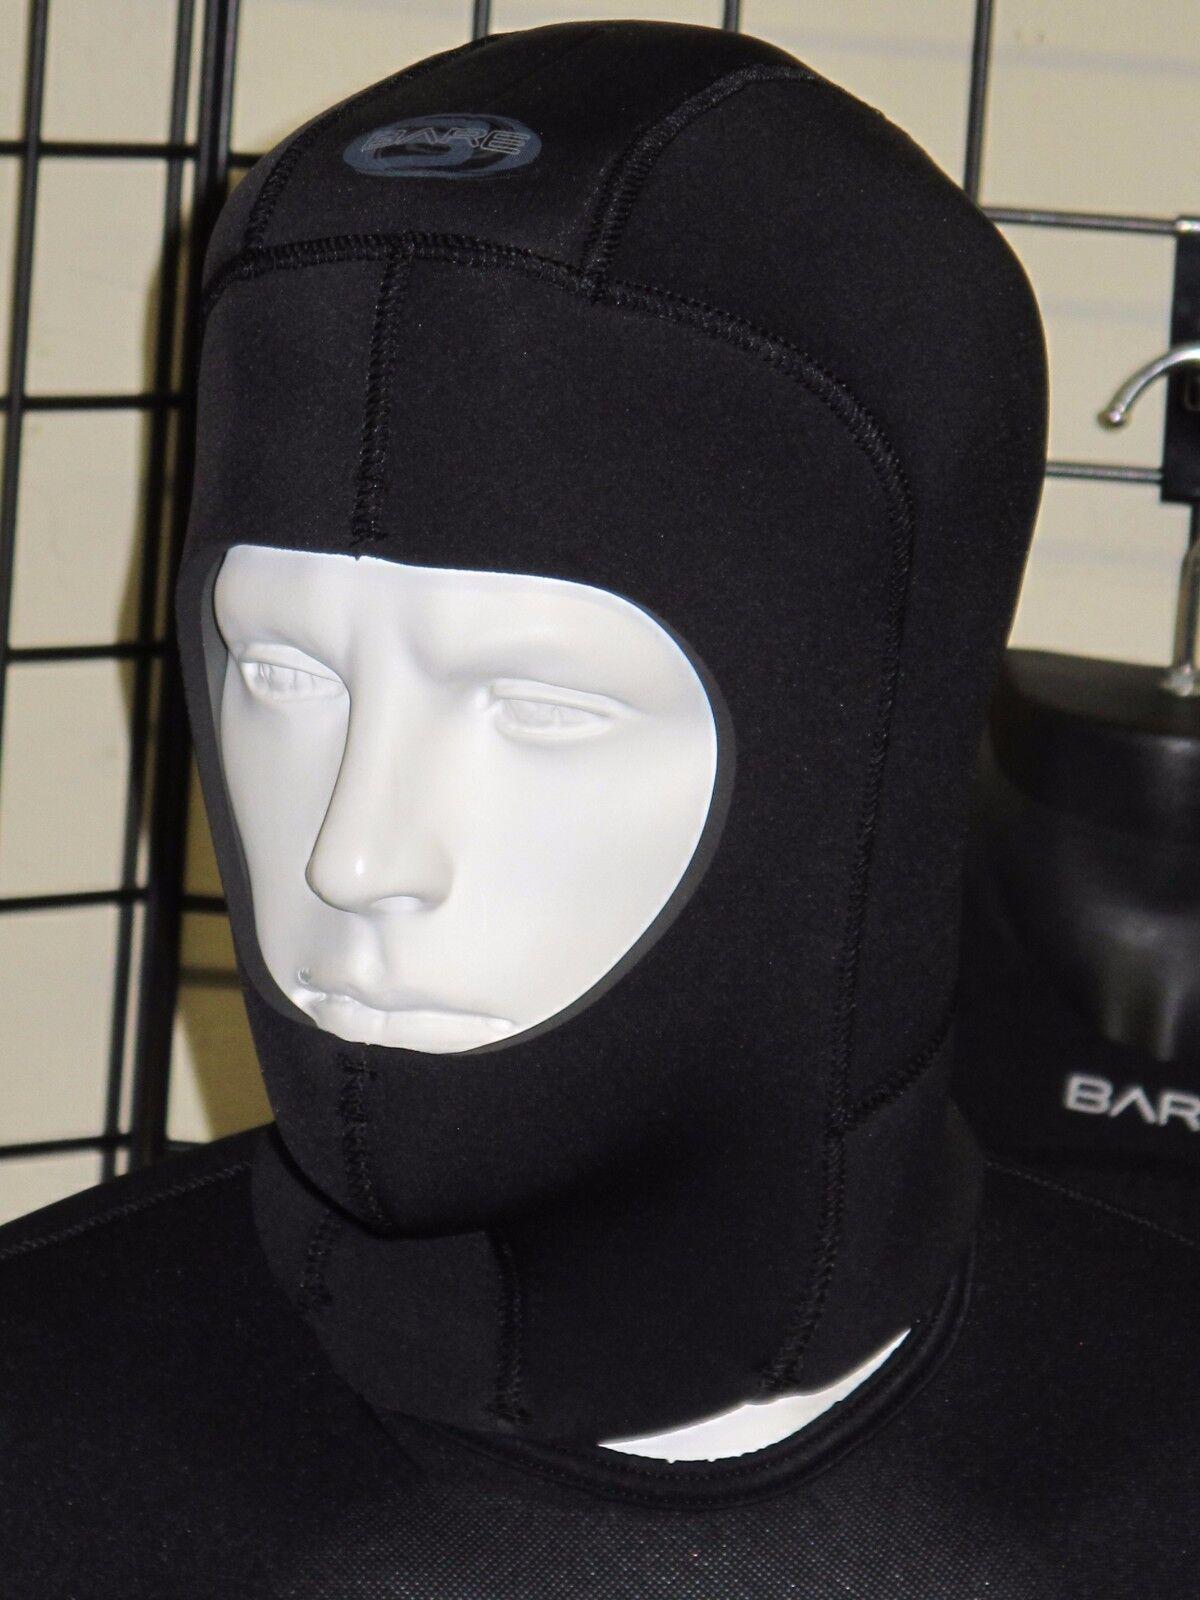 Bare Elastek 7mm neosprene Drysuit style Scuba Diving Hood